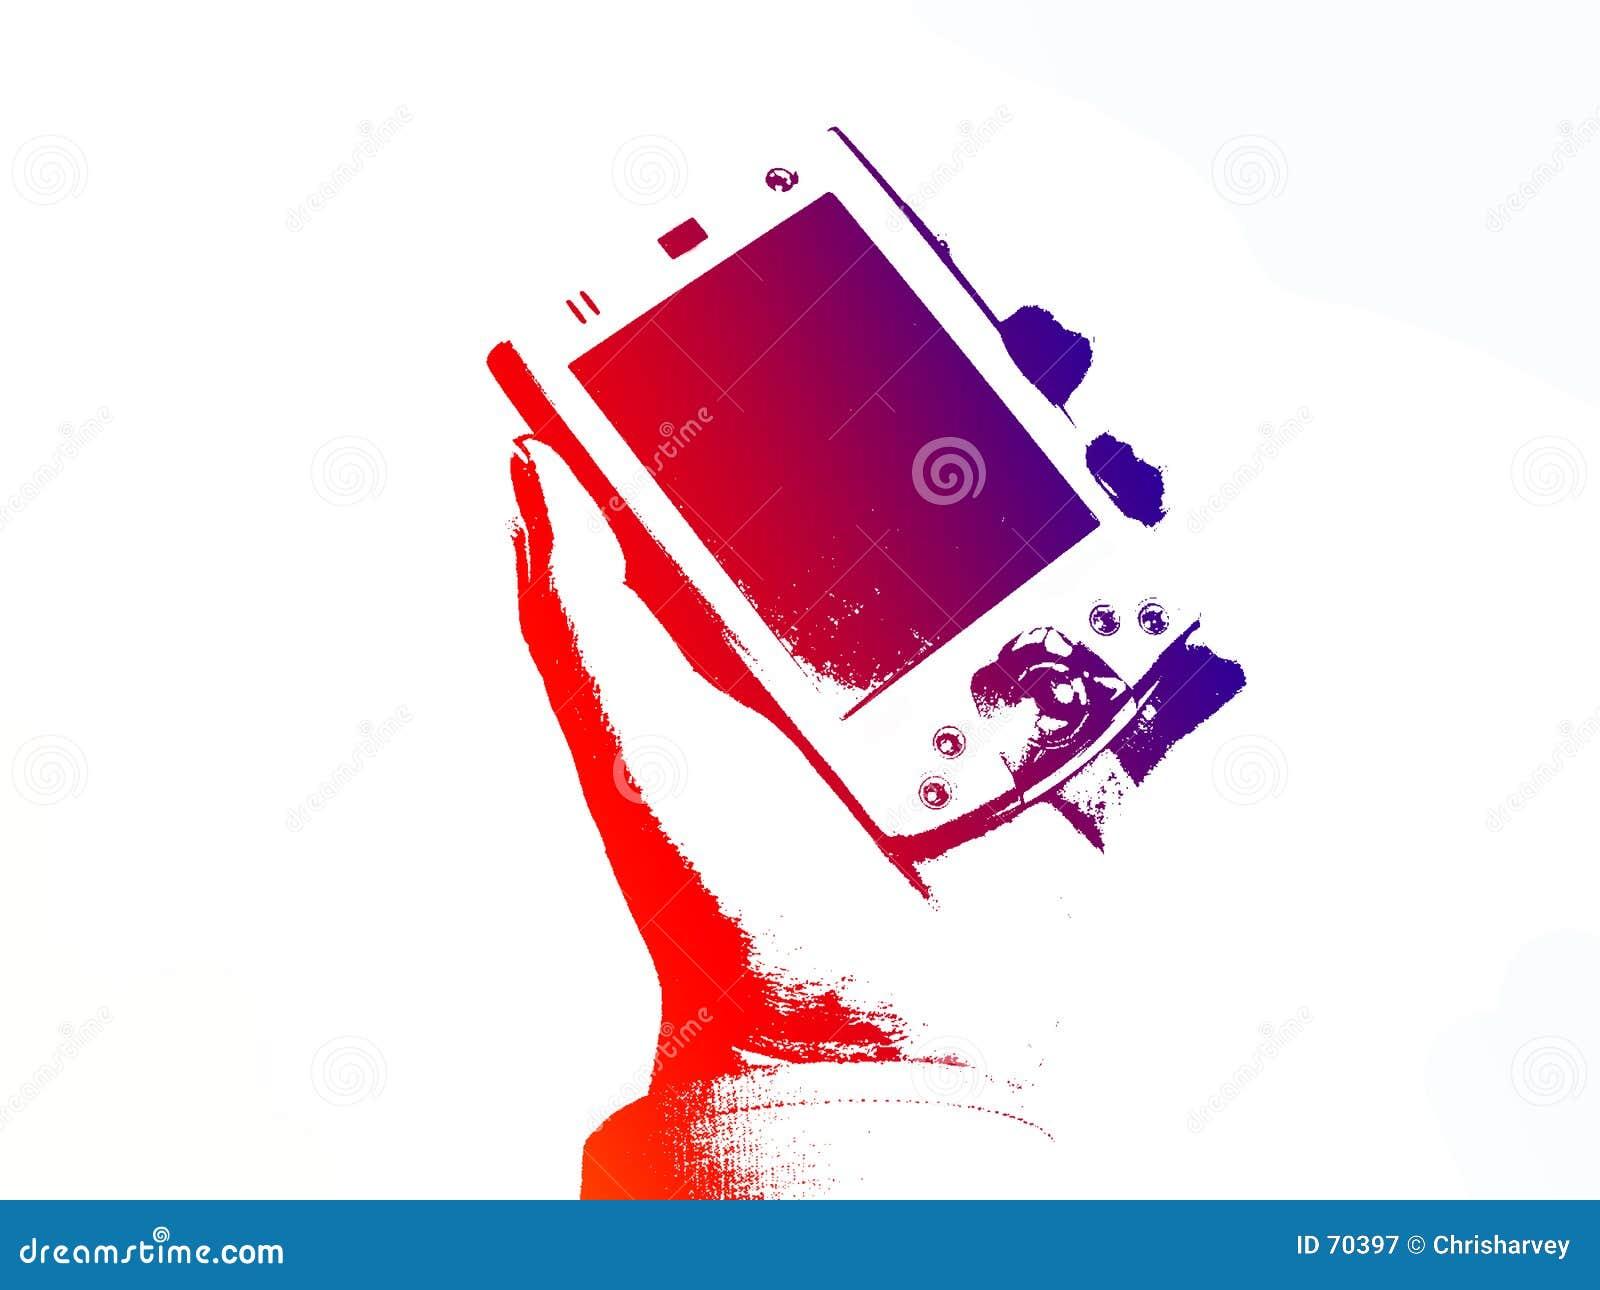 PDA 6